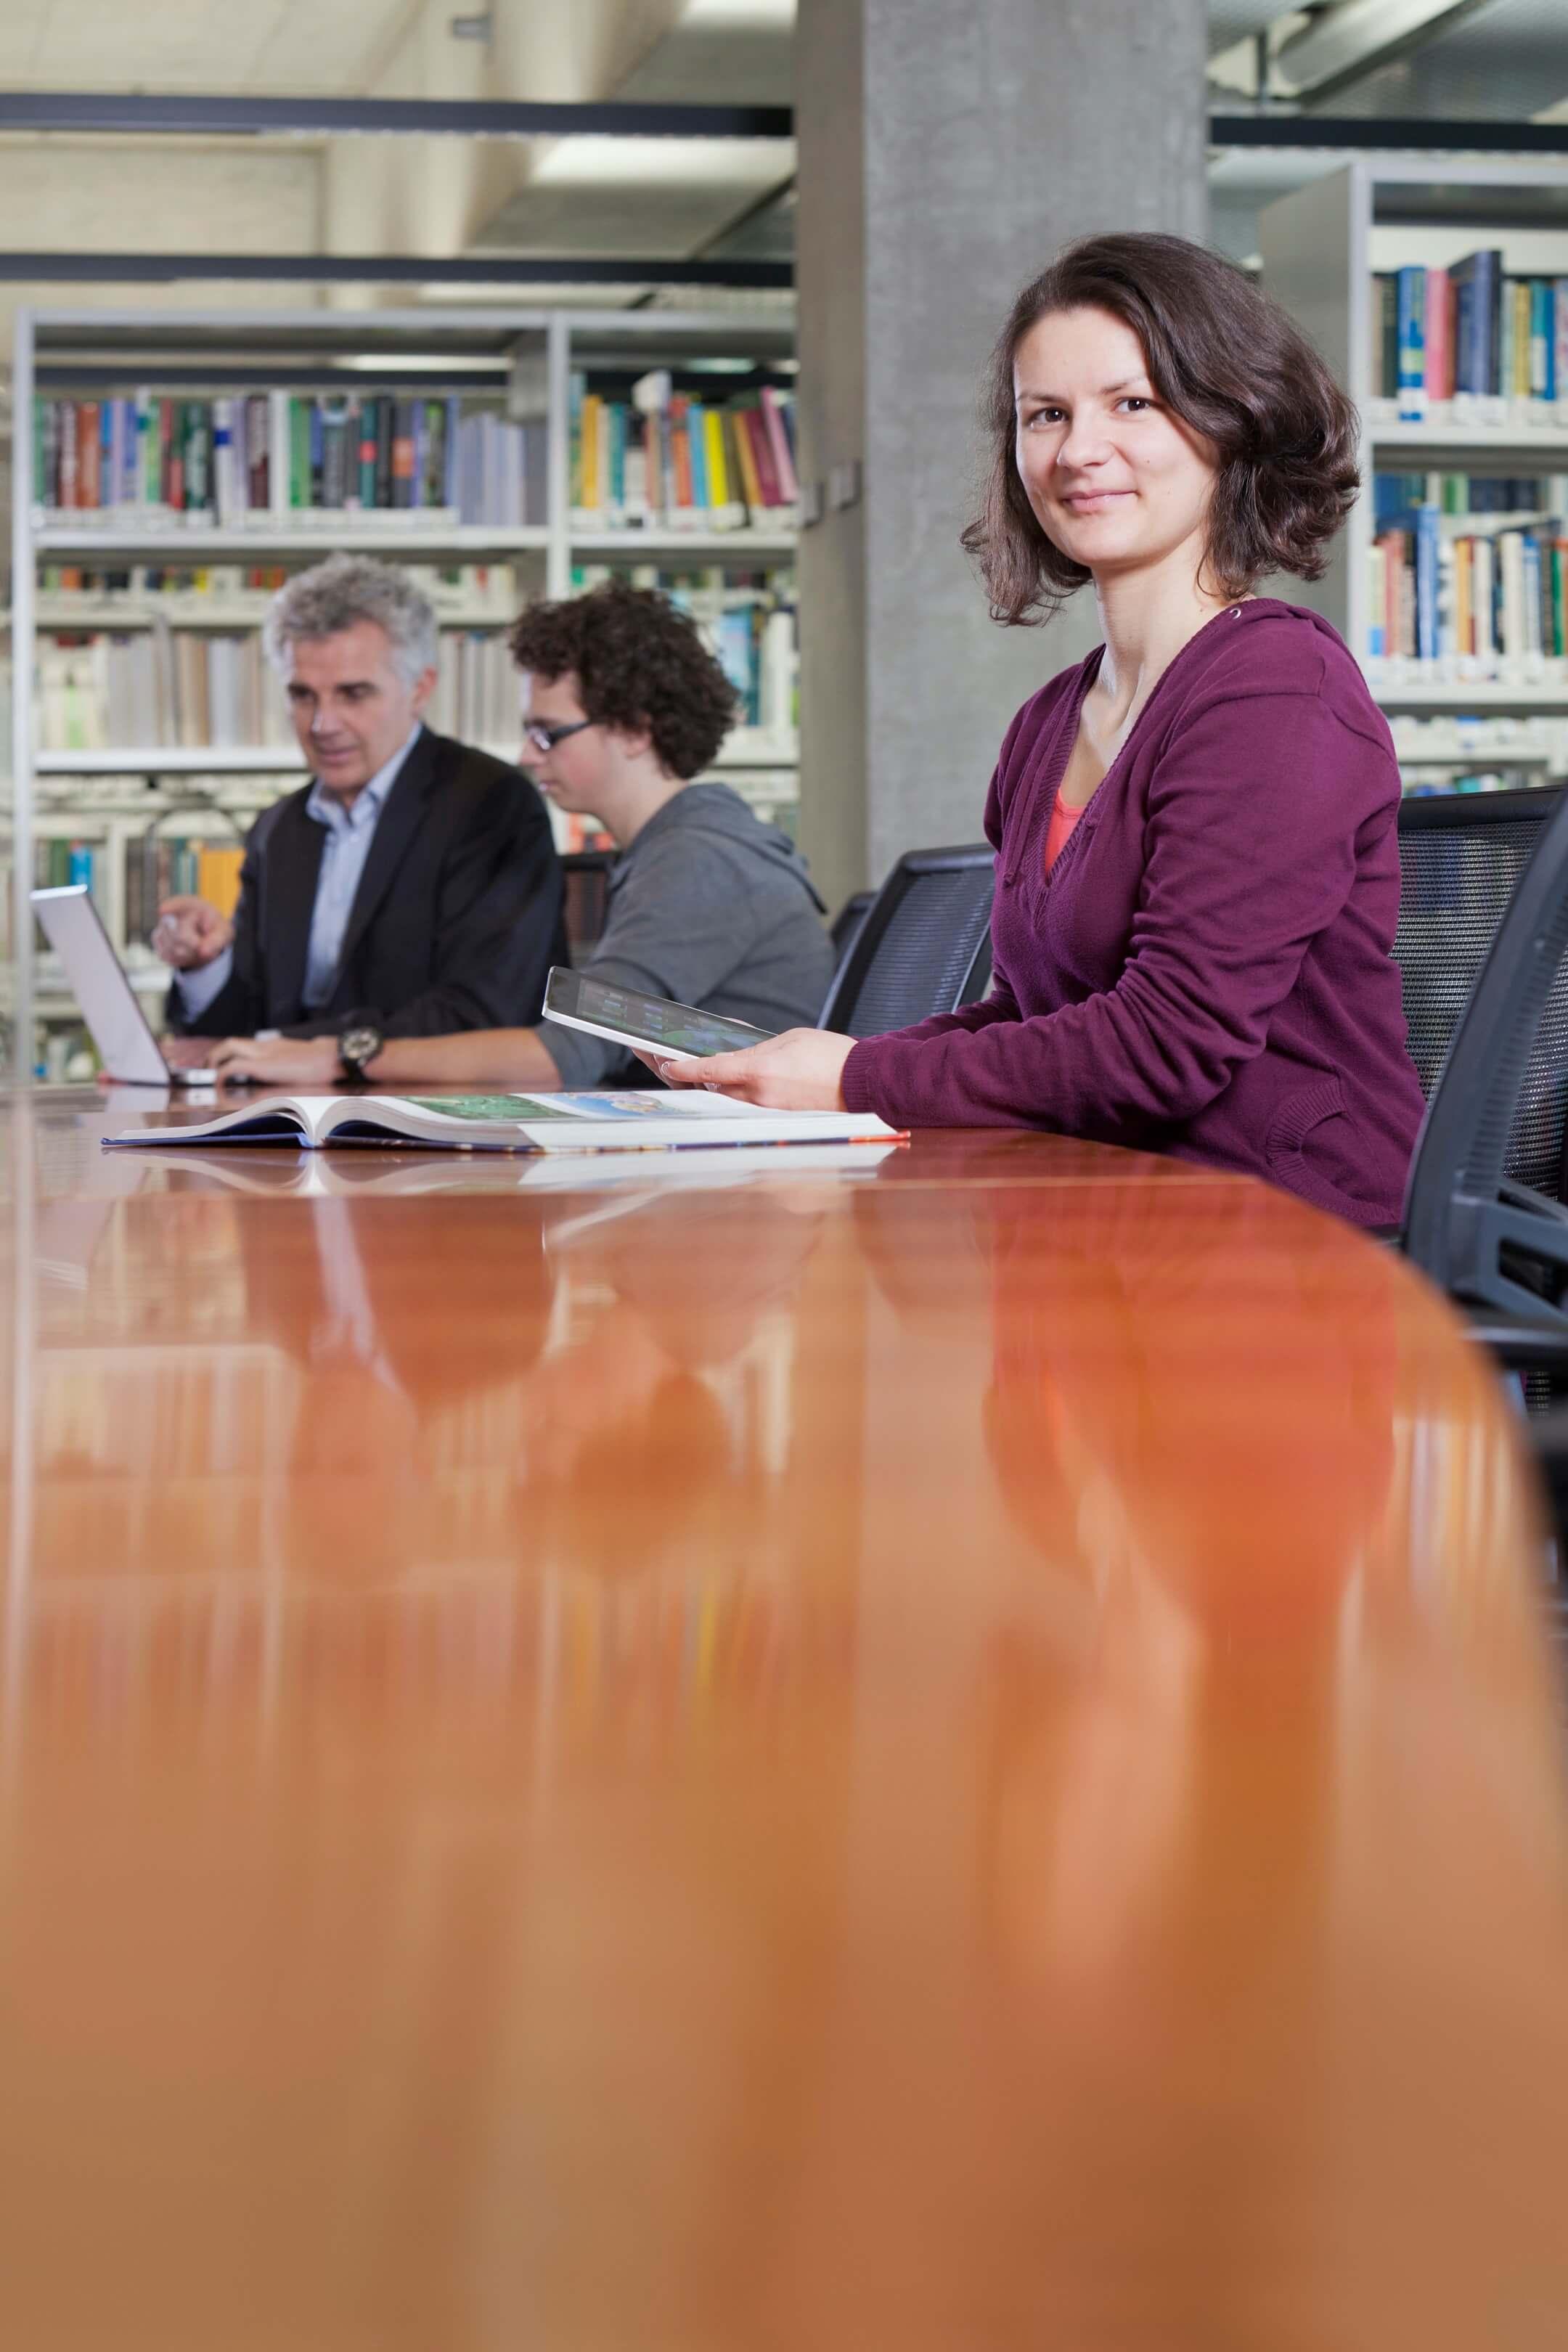 portret promovendus phd-er Jurjen Poeles Fotografie campagne beelden Wageningen University & Research Library locatie universiteit bibliotheek testimonial WUR